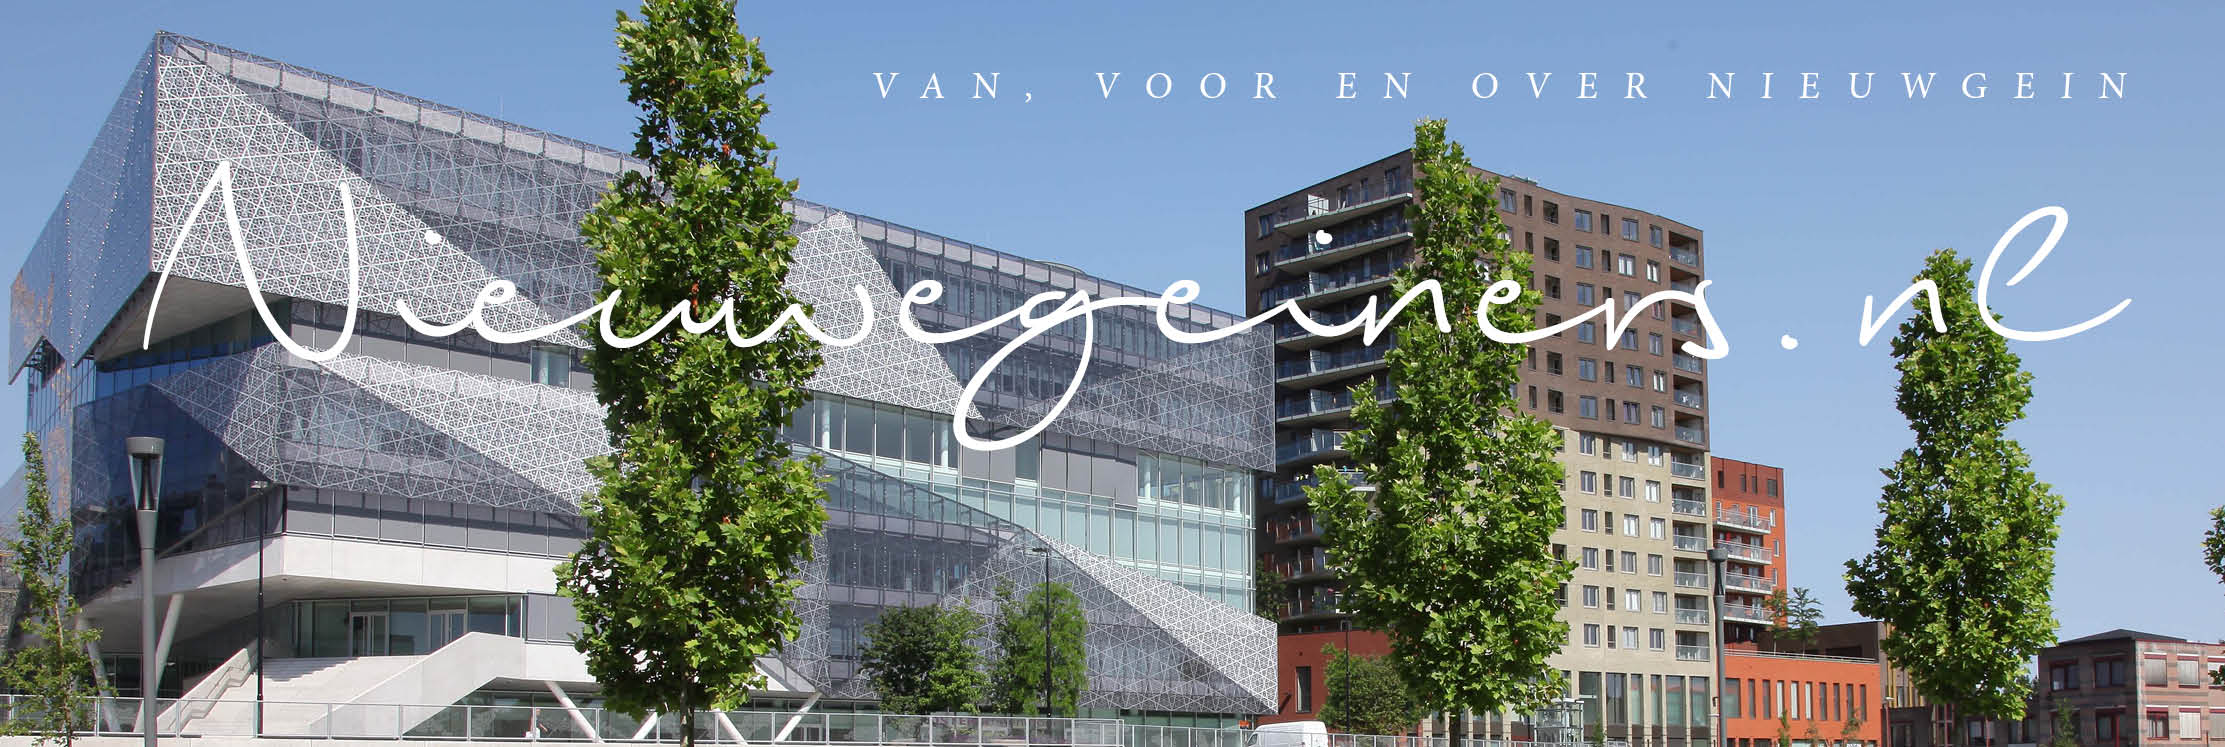 Nieuwegeiners.nl logo